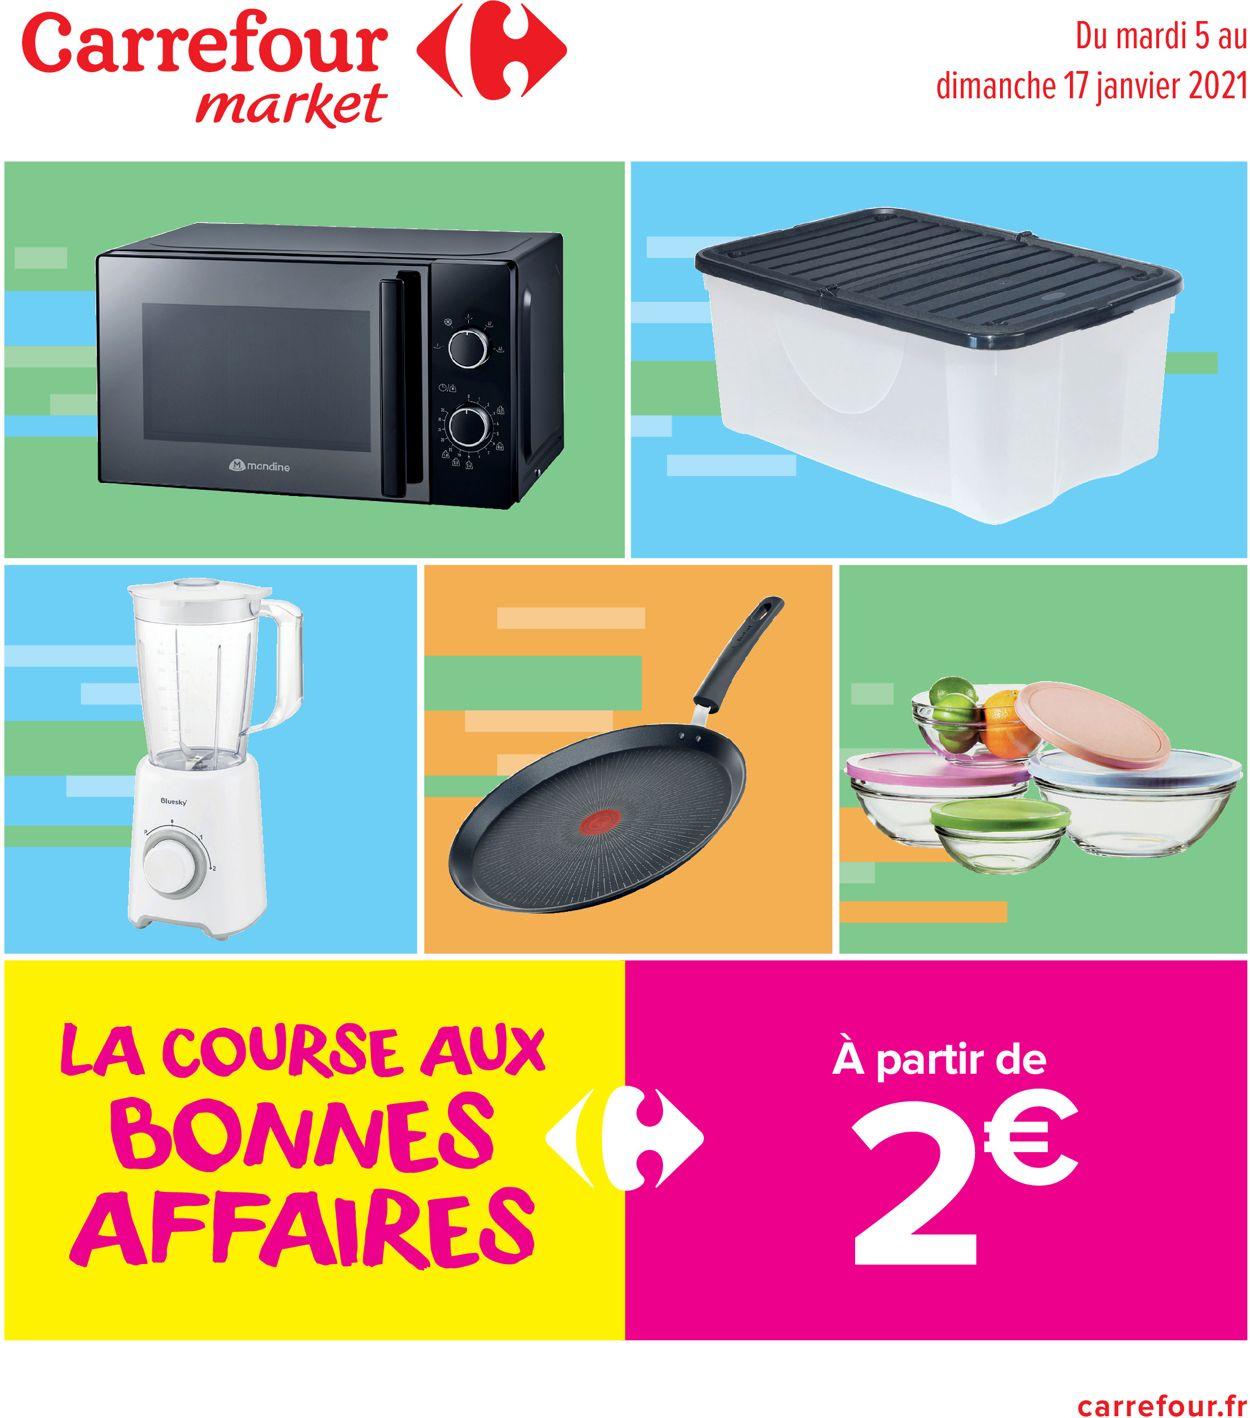 Carrefour Bonnes Affaires 2021 Catalogue - 05.01-17.01.2021